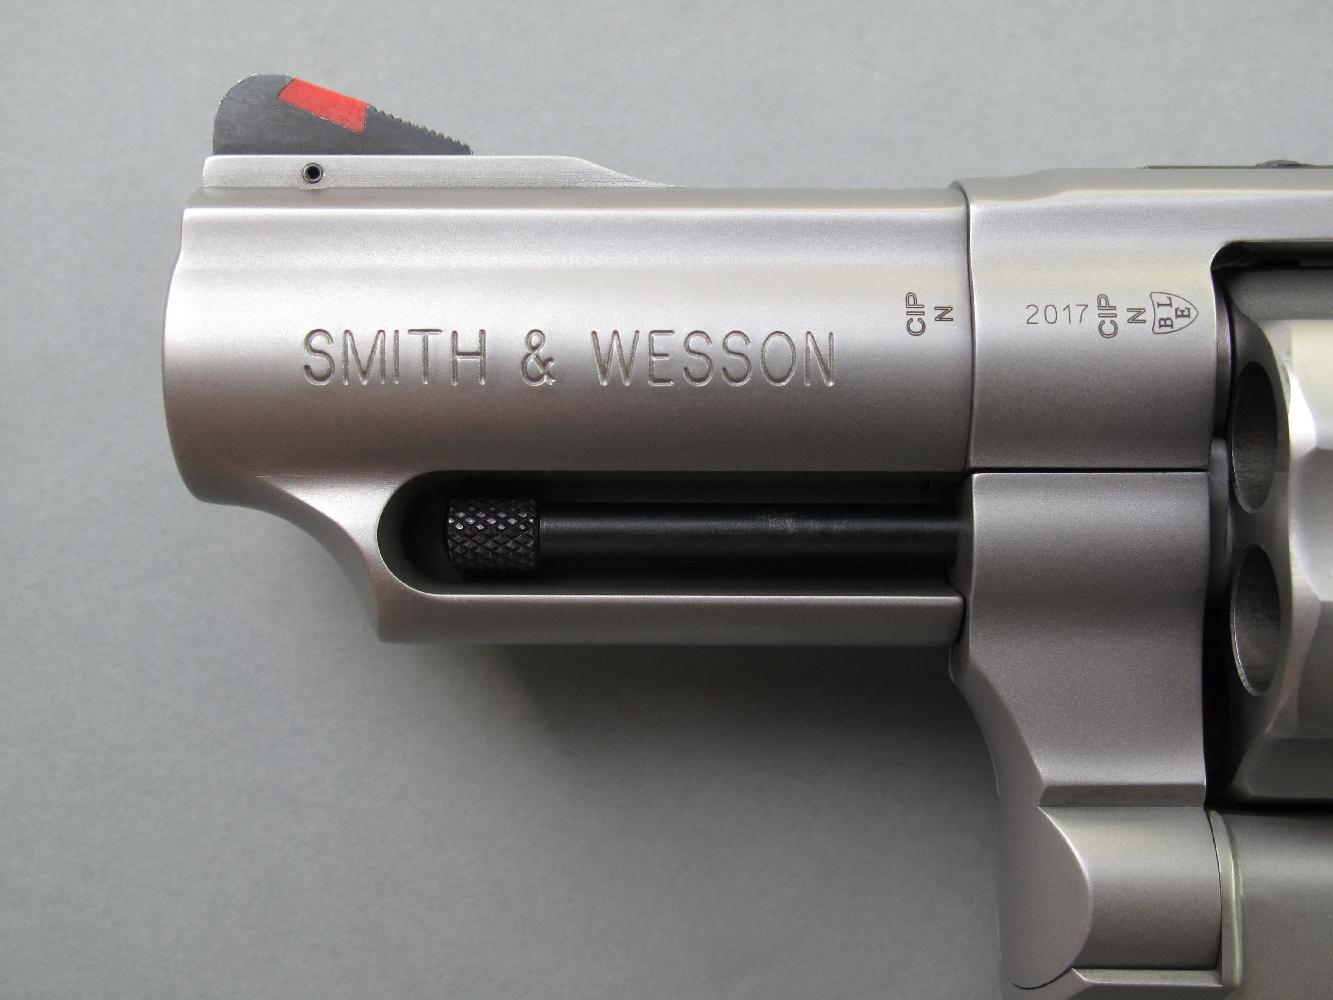 Le nom du fabricant est profondément gravé sur le flanc gauche du manchon qui recouvre son petit canon de deux pouces trois-quarts.